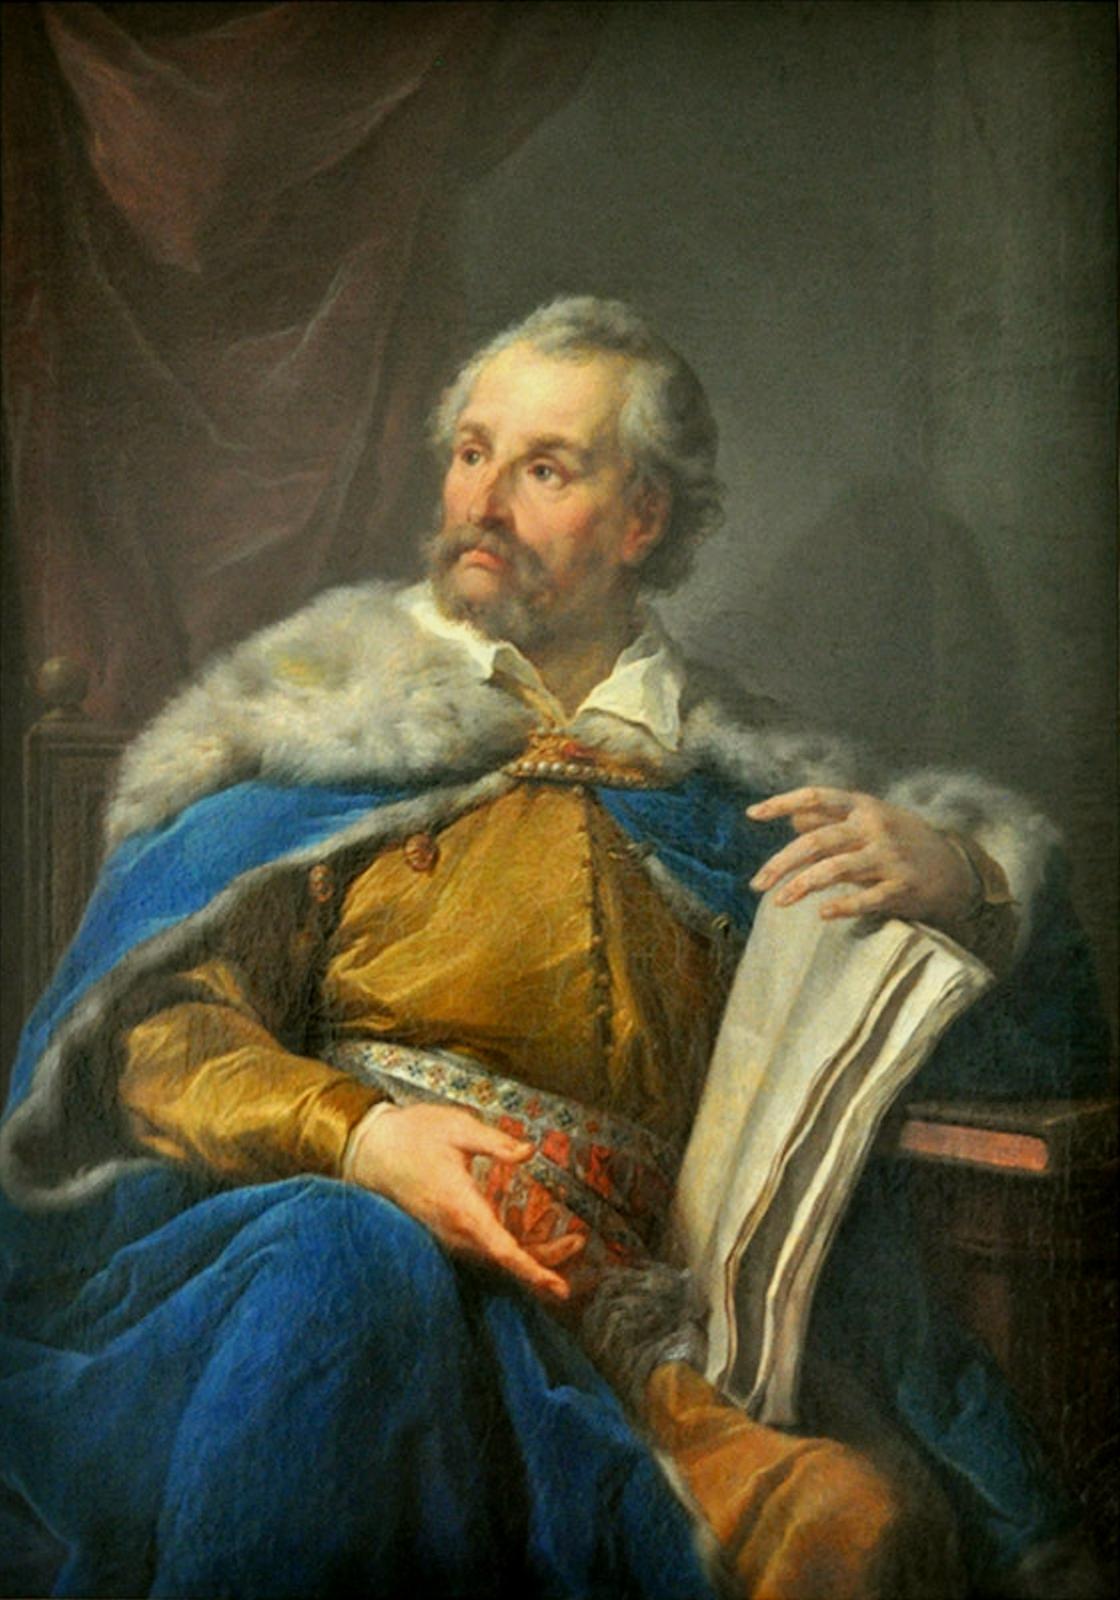 Portret Jana Zamoyskiego Jan Zamoyski na wyidealizowanym portrecie Bacciarellego, przedstawiony jako kanclerz, nie hetman, oczym ma świadczyć łagodny wyraz twarzy, zamyślenie iprezentacja księgi. Źródło: Marceli Bacciarelli, Portret Jana Zamoyskiego, między 1781 i1786, olej na płótnie, Muzeum Narodowe wWarszawie, domena publiczna.